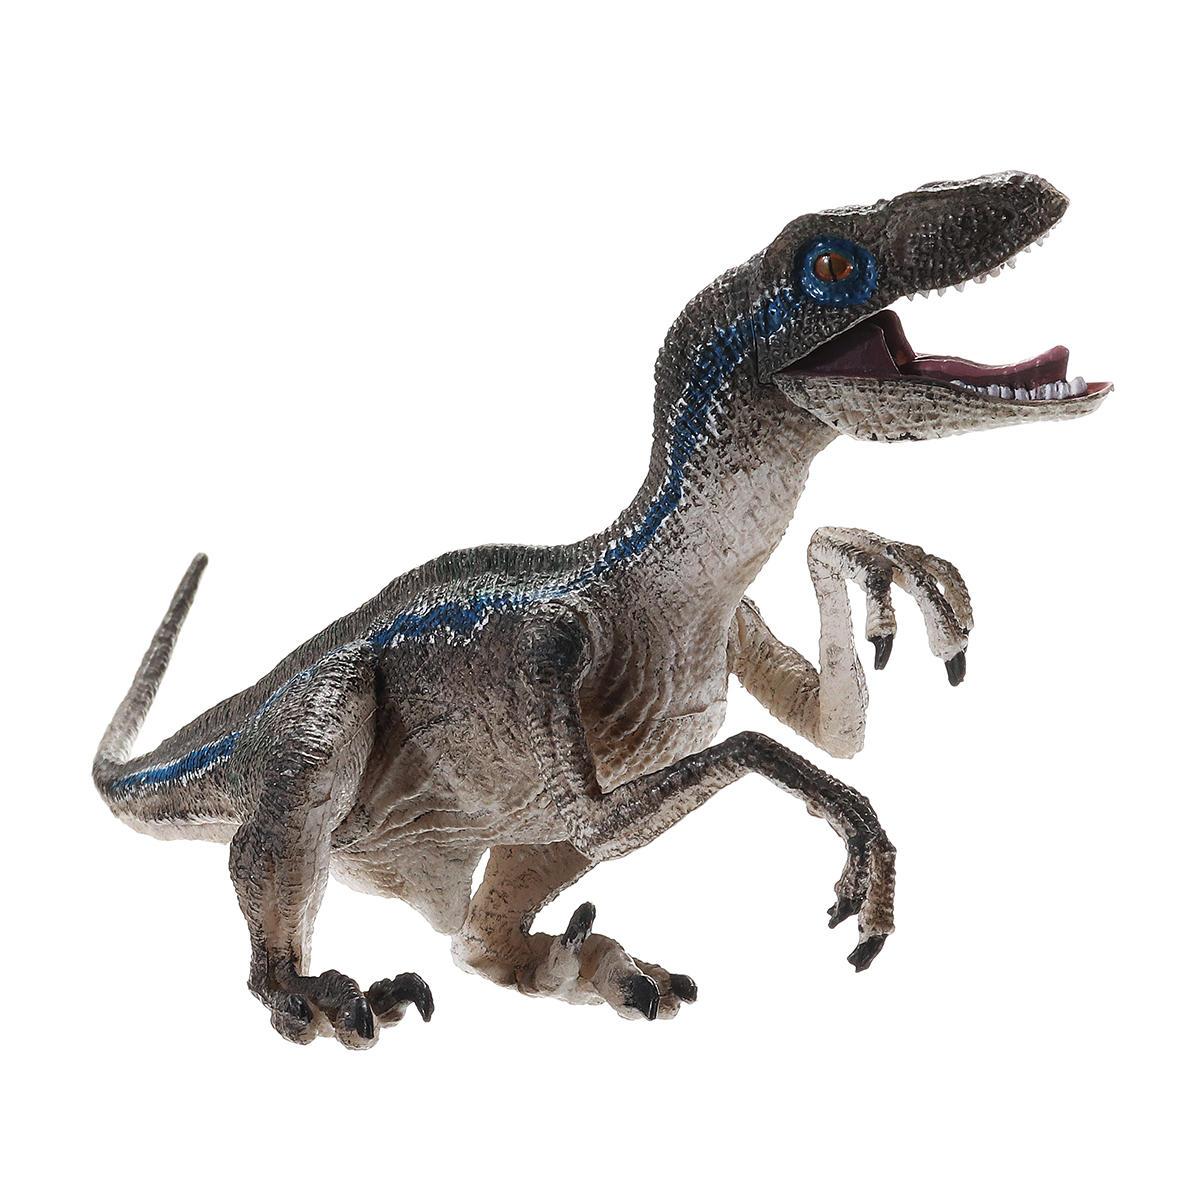 20 cm Dinosaurier Diecast Modell Spielzeug Kunststoff World Park Dinosaurier Modell Action figuren Kinder Jungen Geschenk - 2